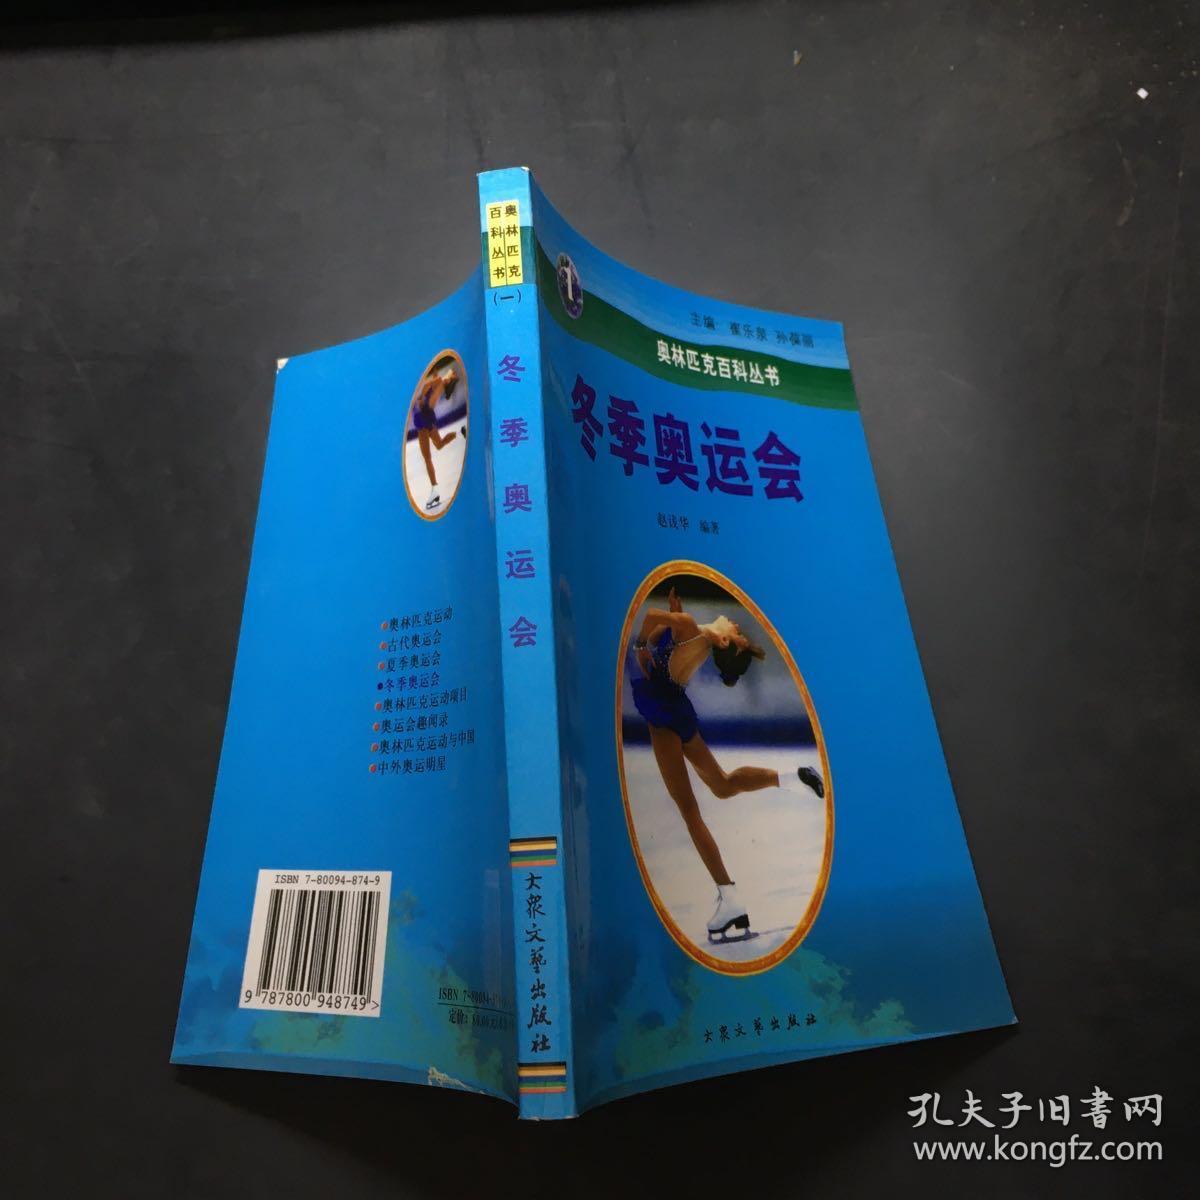 奥林匹克百科知识丛书:冬季奥运会